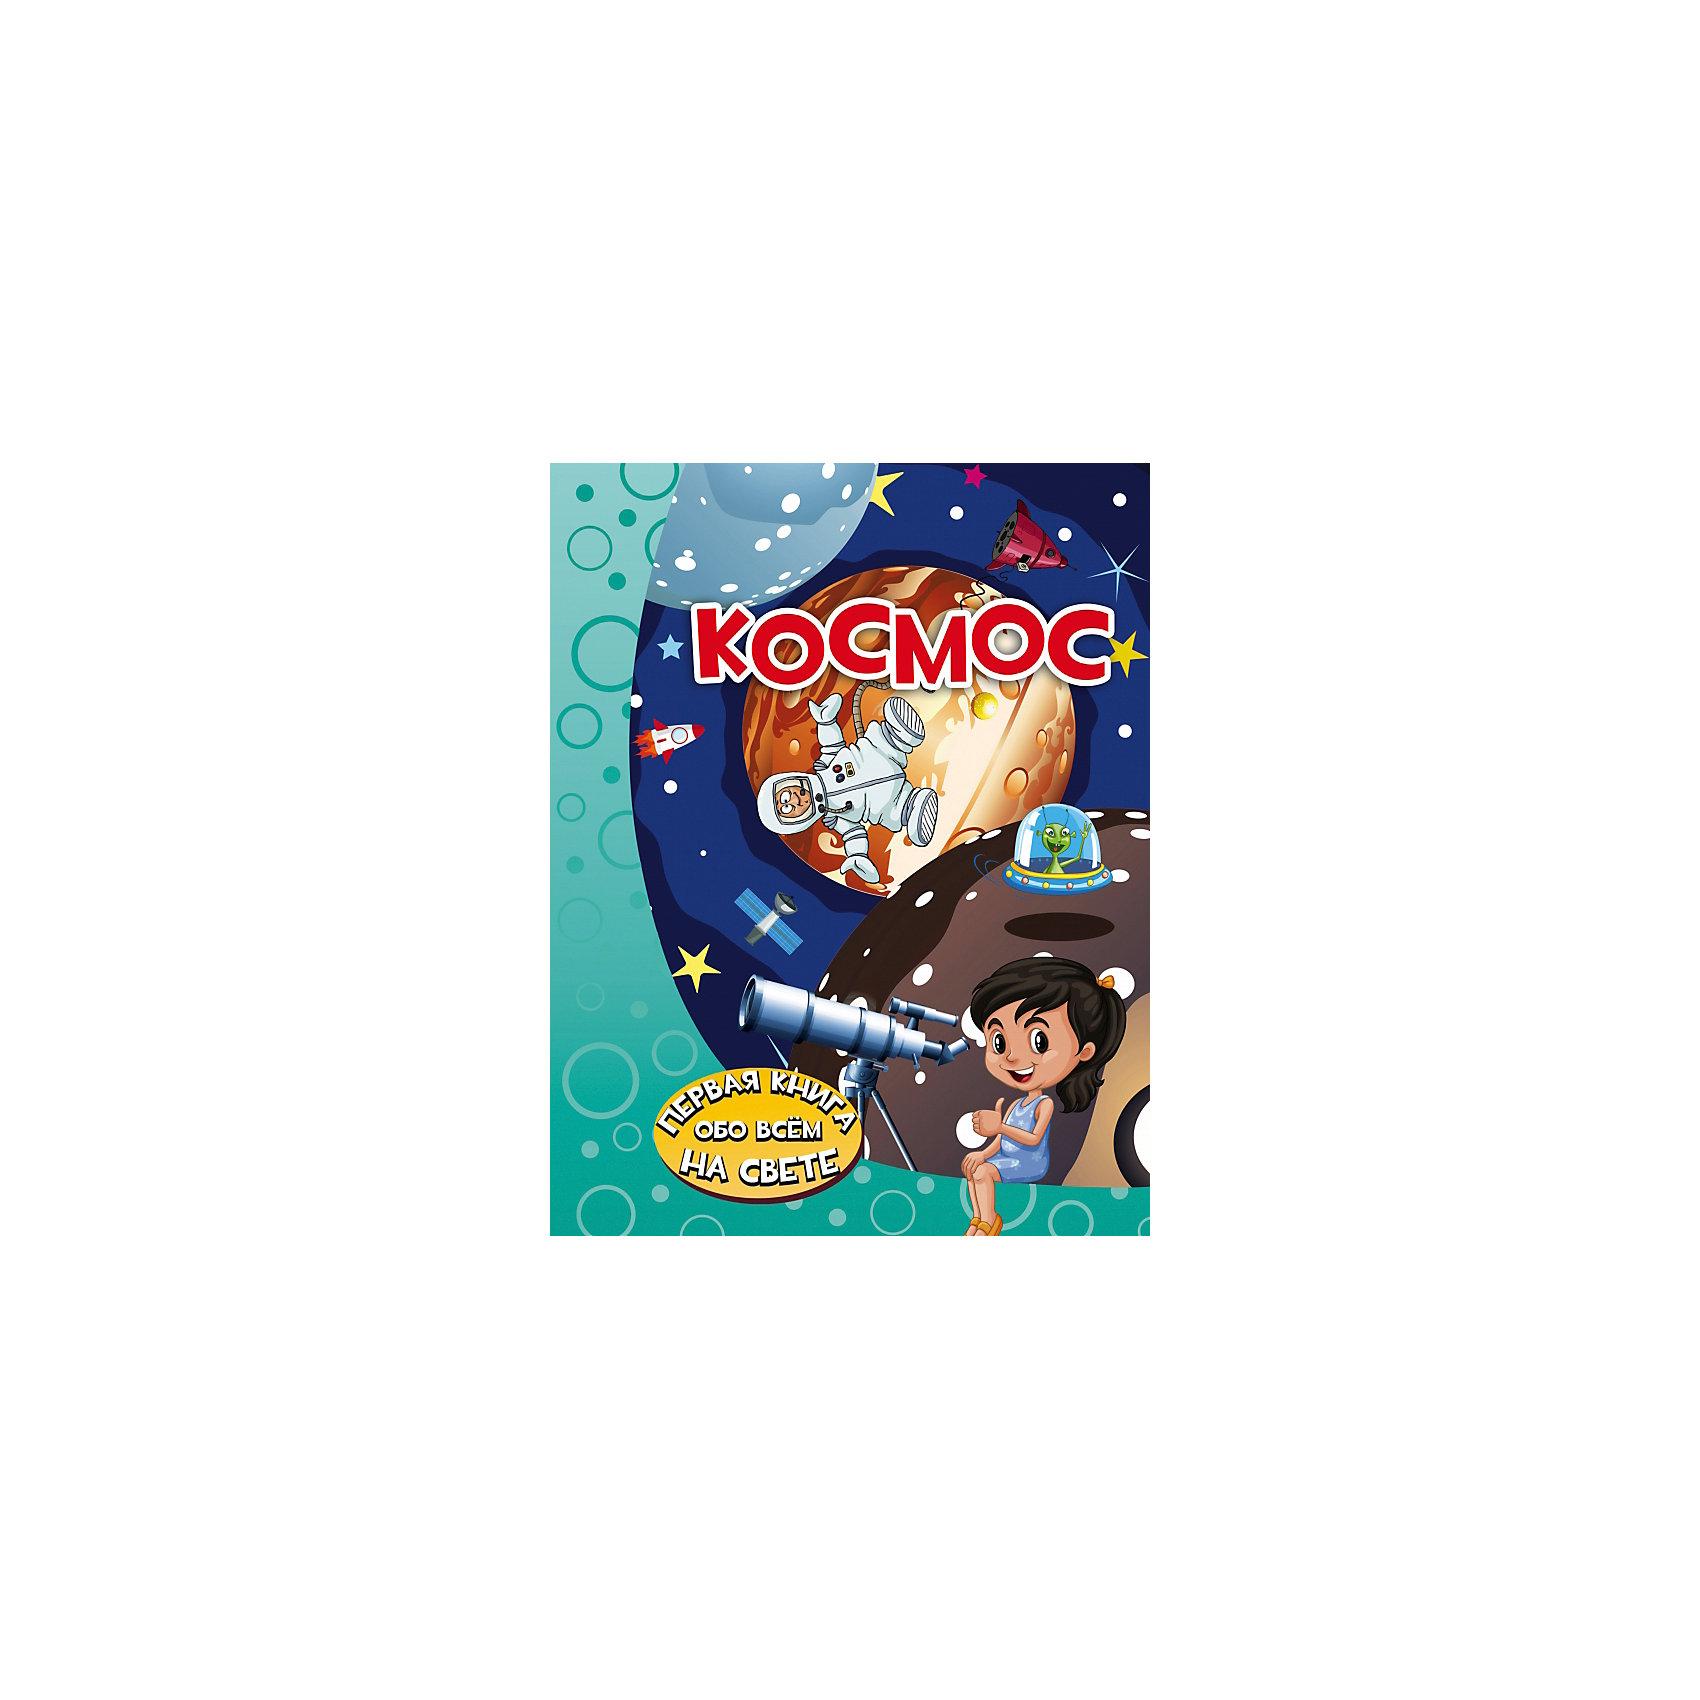 Энциклопедия для малышей КосмосДетские энциклопедии<br>Эта книга Космос понравится каждому малышу, ведь она отправит его в увлекательнейшее путешествие в далёкий космос, где он познакомится с планетами, звёздами, кометами, астероидами и другими небесными телами.<br>Маленький читатель получит ответы на множество вопросов: какая наука изучает звёздное небо и что скрывается под таким загадочным словом, как гравитация, как возникает Солнечное затмение и чем оно отличается от лунного, какая звезда согревает нашу планету и как называется галактика, в которой мы живём, и, конечно же, он узнает о том, кто первым из людей полетел в космос. Текст книги написан интересным, а главное, понятным и доступным языком — специально для дошколят. А красочные иллюстрации непременно понравятся детишкам: созвездия, планеты, другие небесные тела представлены на них очень достоверно и в то же время забавно. Итак, открывайте книгу и поскорее начинайте путешествие в бесконечный и такой удивительный мир космоса!<br>Для дошкольного возраста.<br><br>Ширина мм: 255<br>Глубина мм: 197<br>Высота мм: 160<br>Вес г: 866<br>Возраст от месяцев: 48<br>Возраст до месяцев: 2147483647<br>Пол: Унисекс<br>Возраст: Детский<br>SKU: 6848303